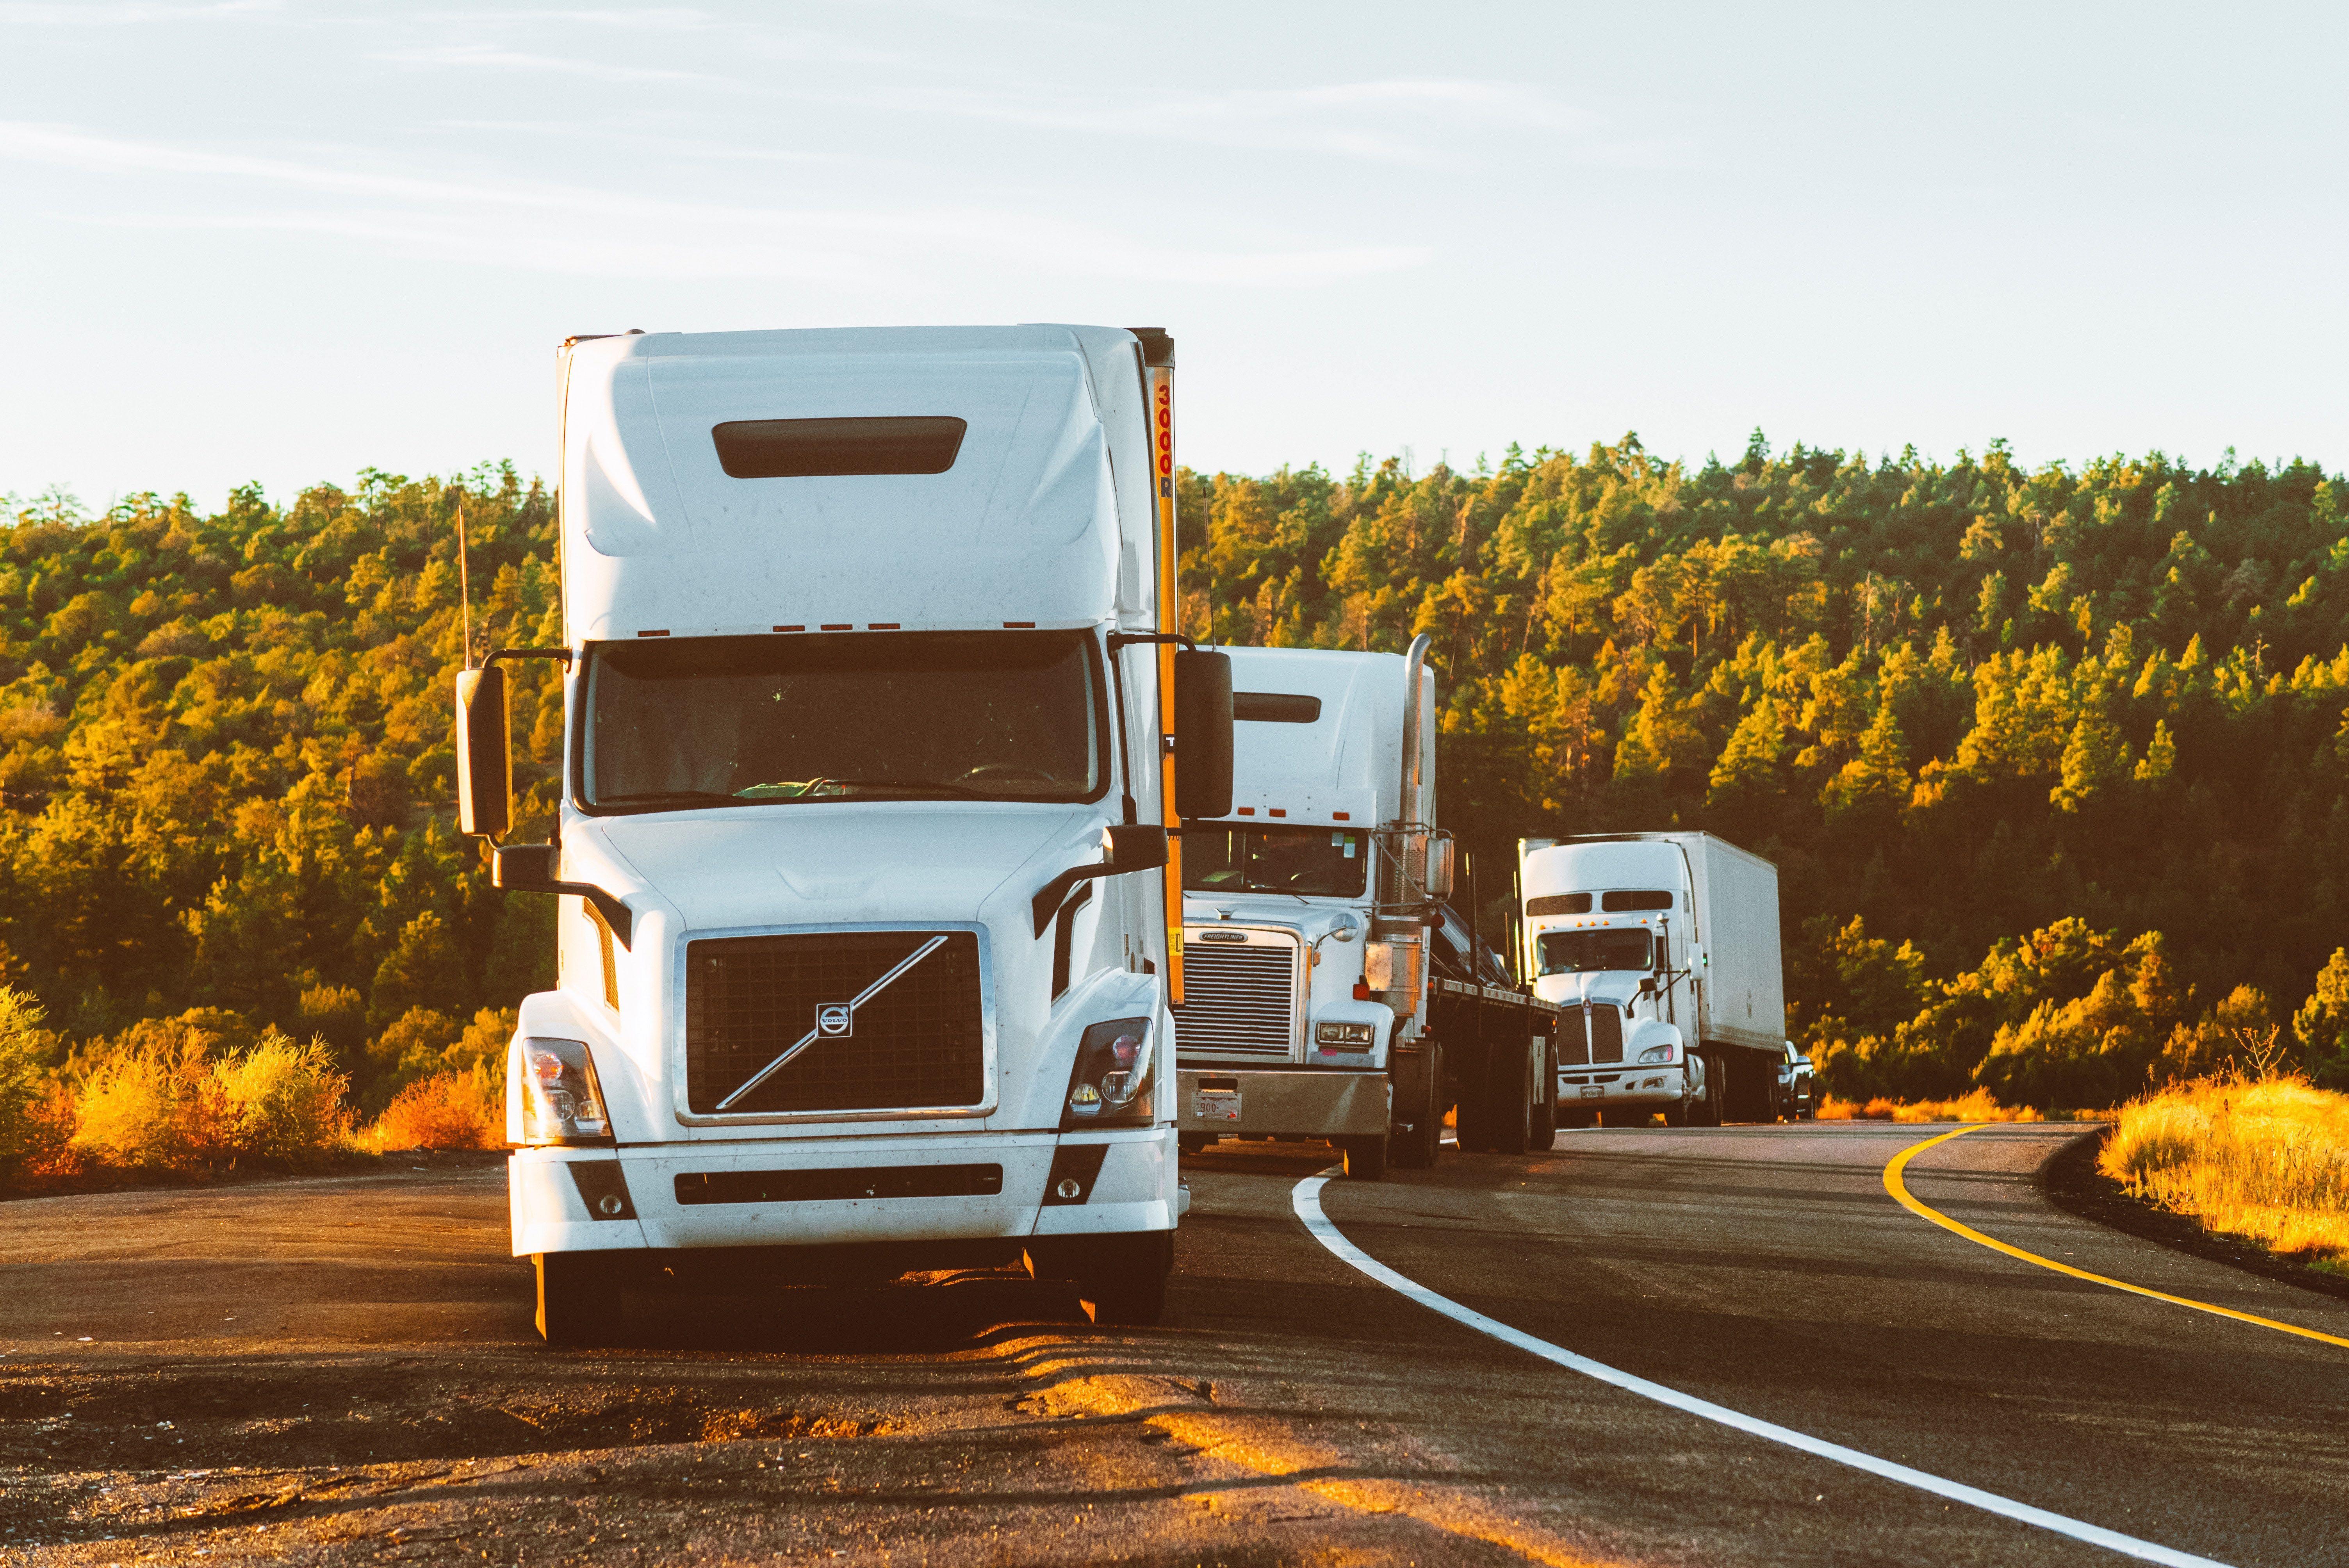 Tres camiones de carga conduciendo por la carretera en el día